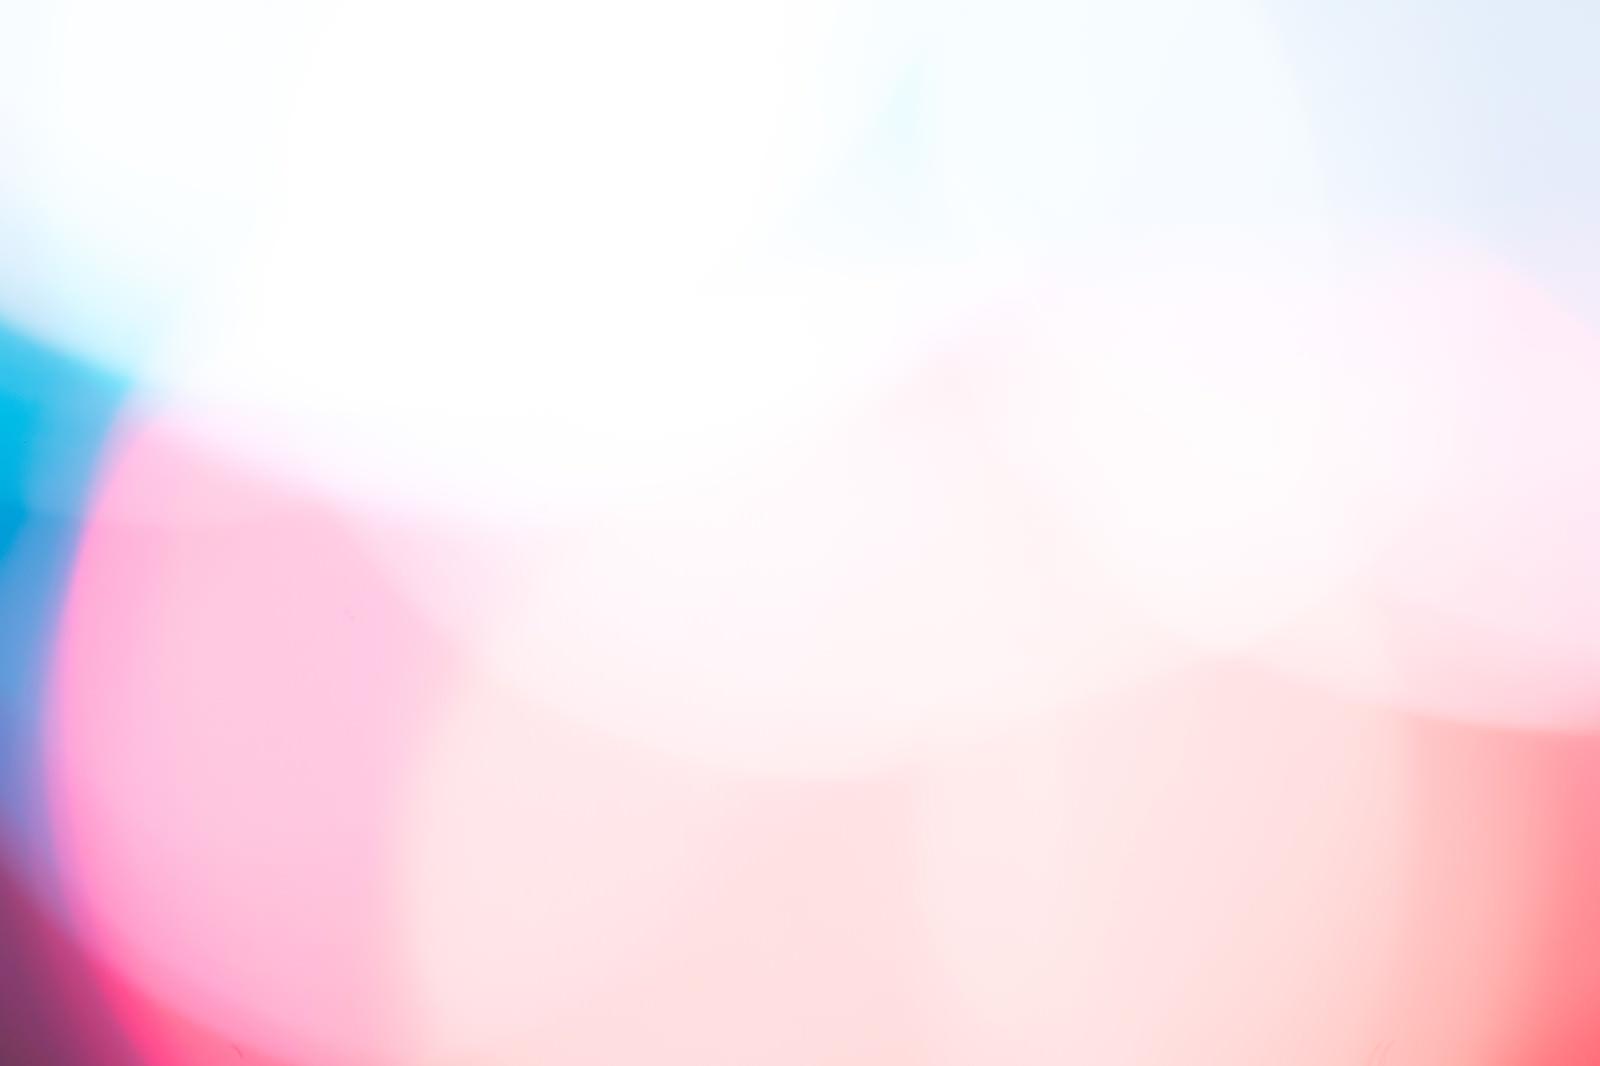 「淡いボケ味の背景用」の写真